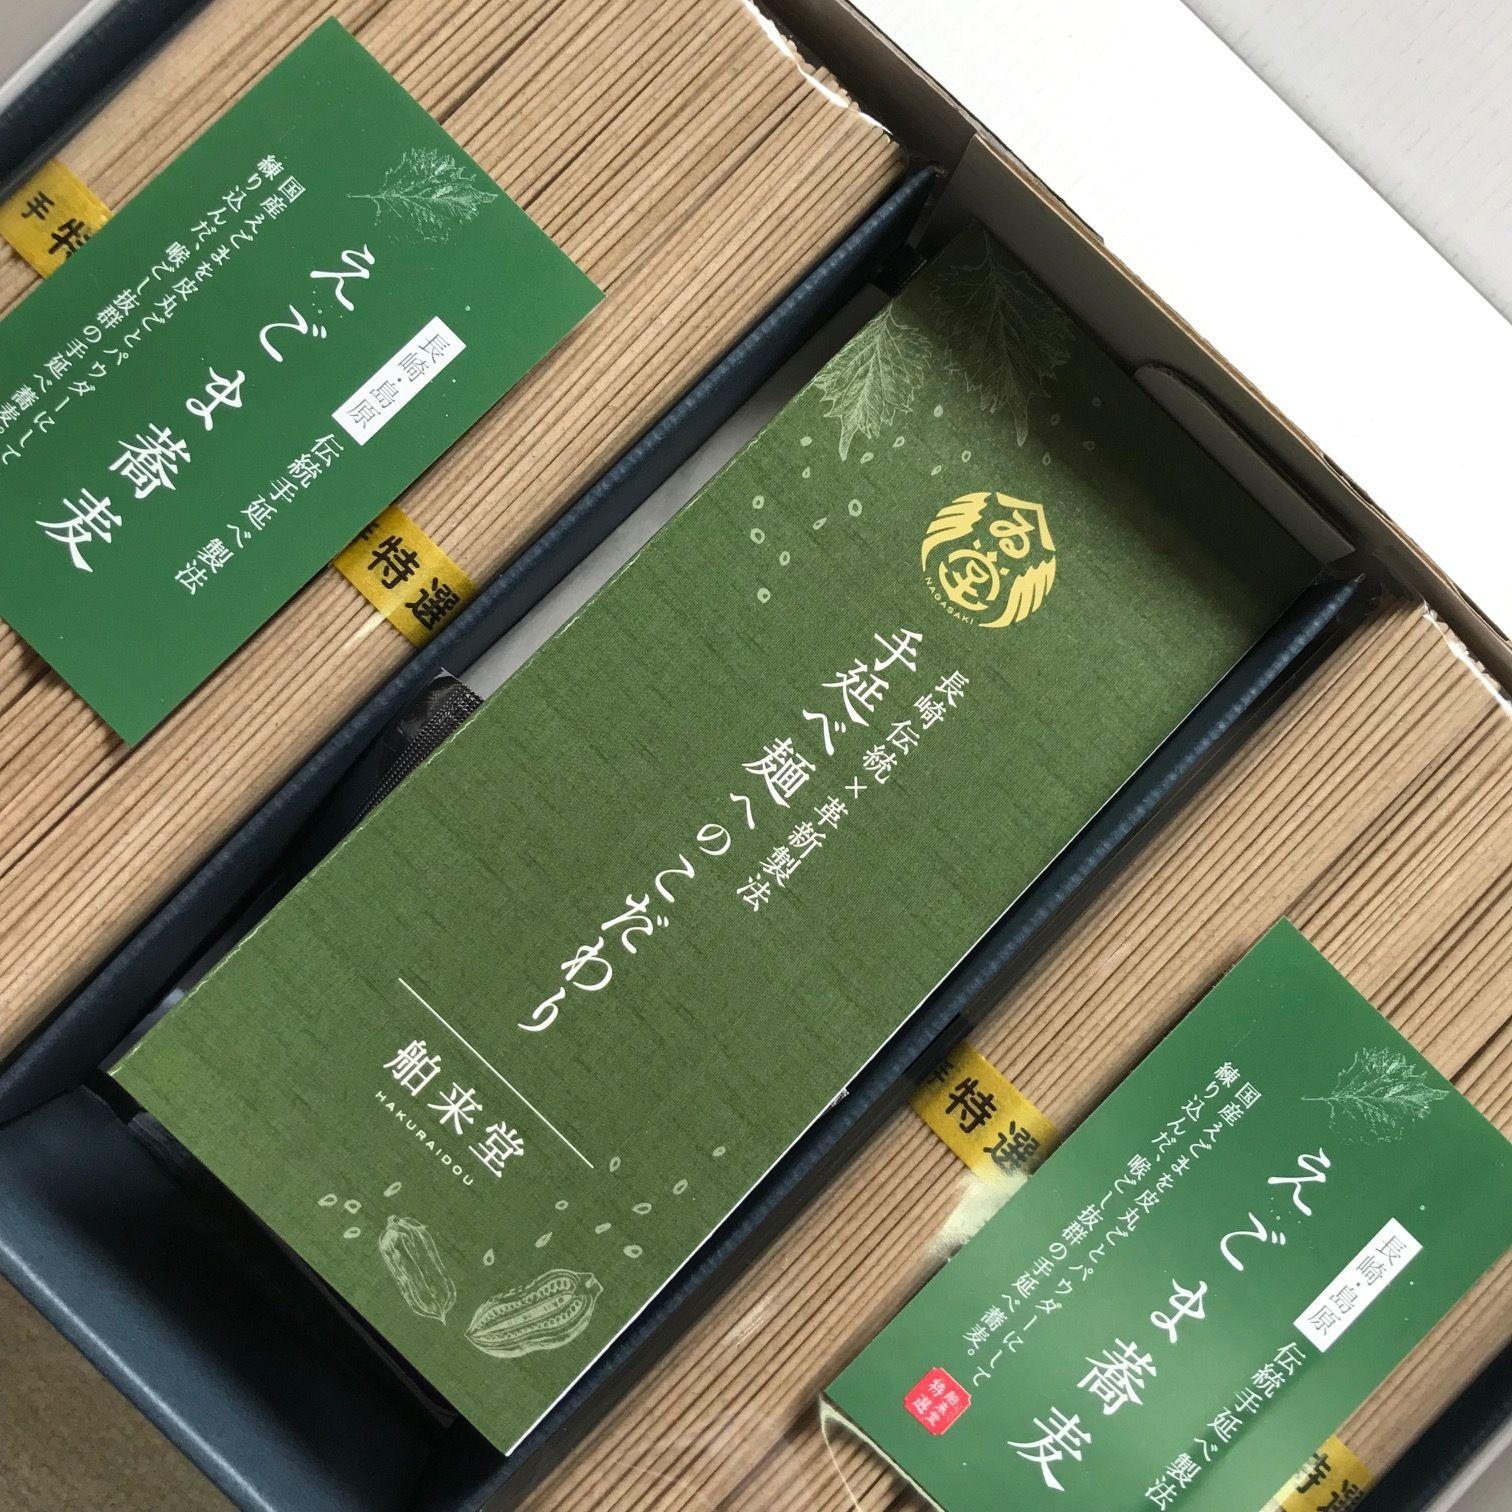 【父の日ギフト専用】長崎島原手延べえごまそば1kg(つゆ付)